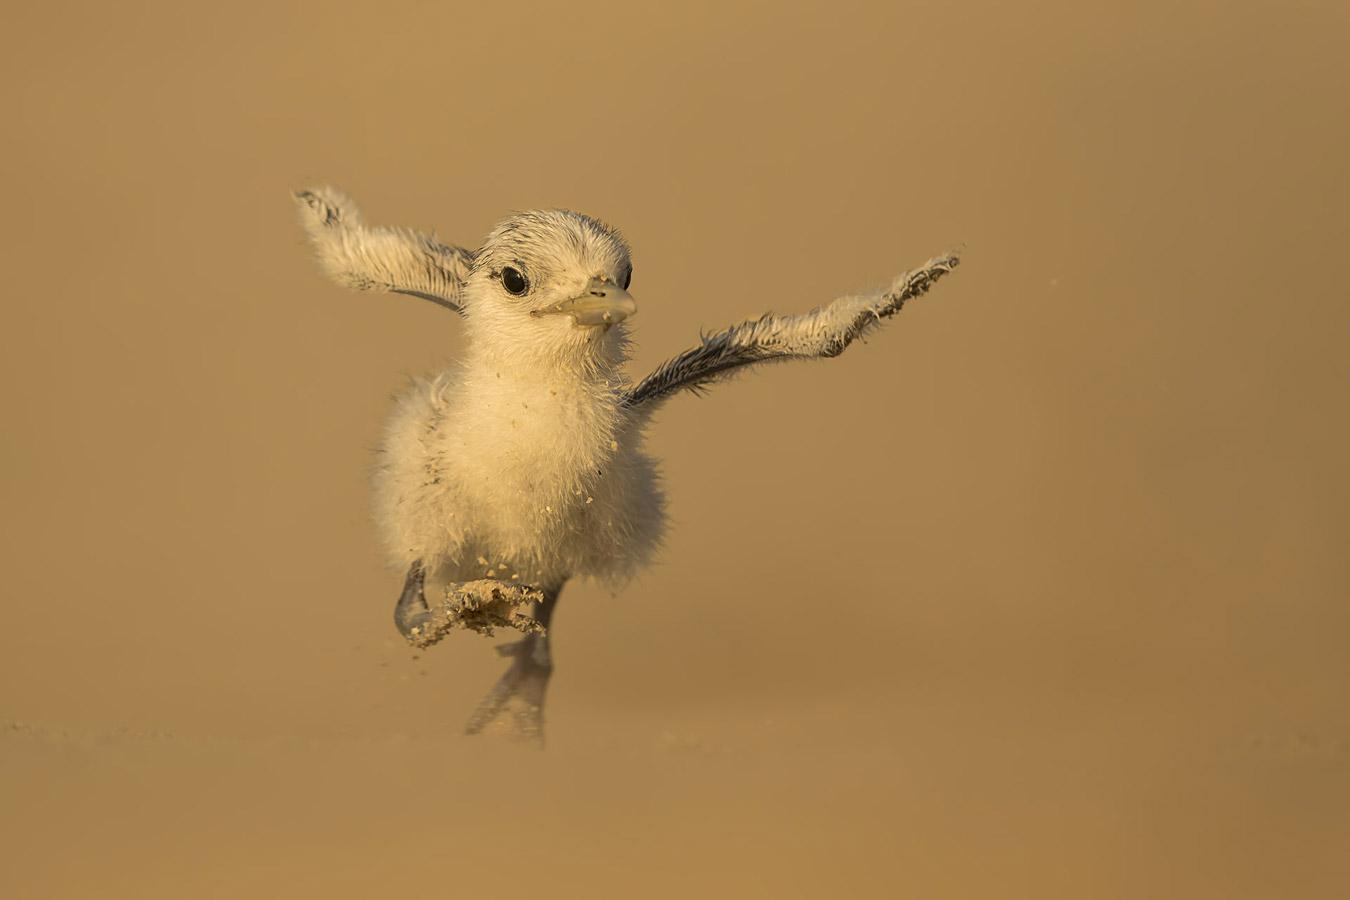 Омар Аль-Асем / Omar Al-Asem, Кувейт, Почётная оценка в категории «Птицы», Фотоконкурс «Лучшая природная фотография Азии» — Nature's Best Photography Asia